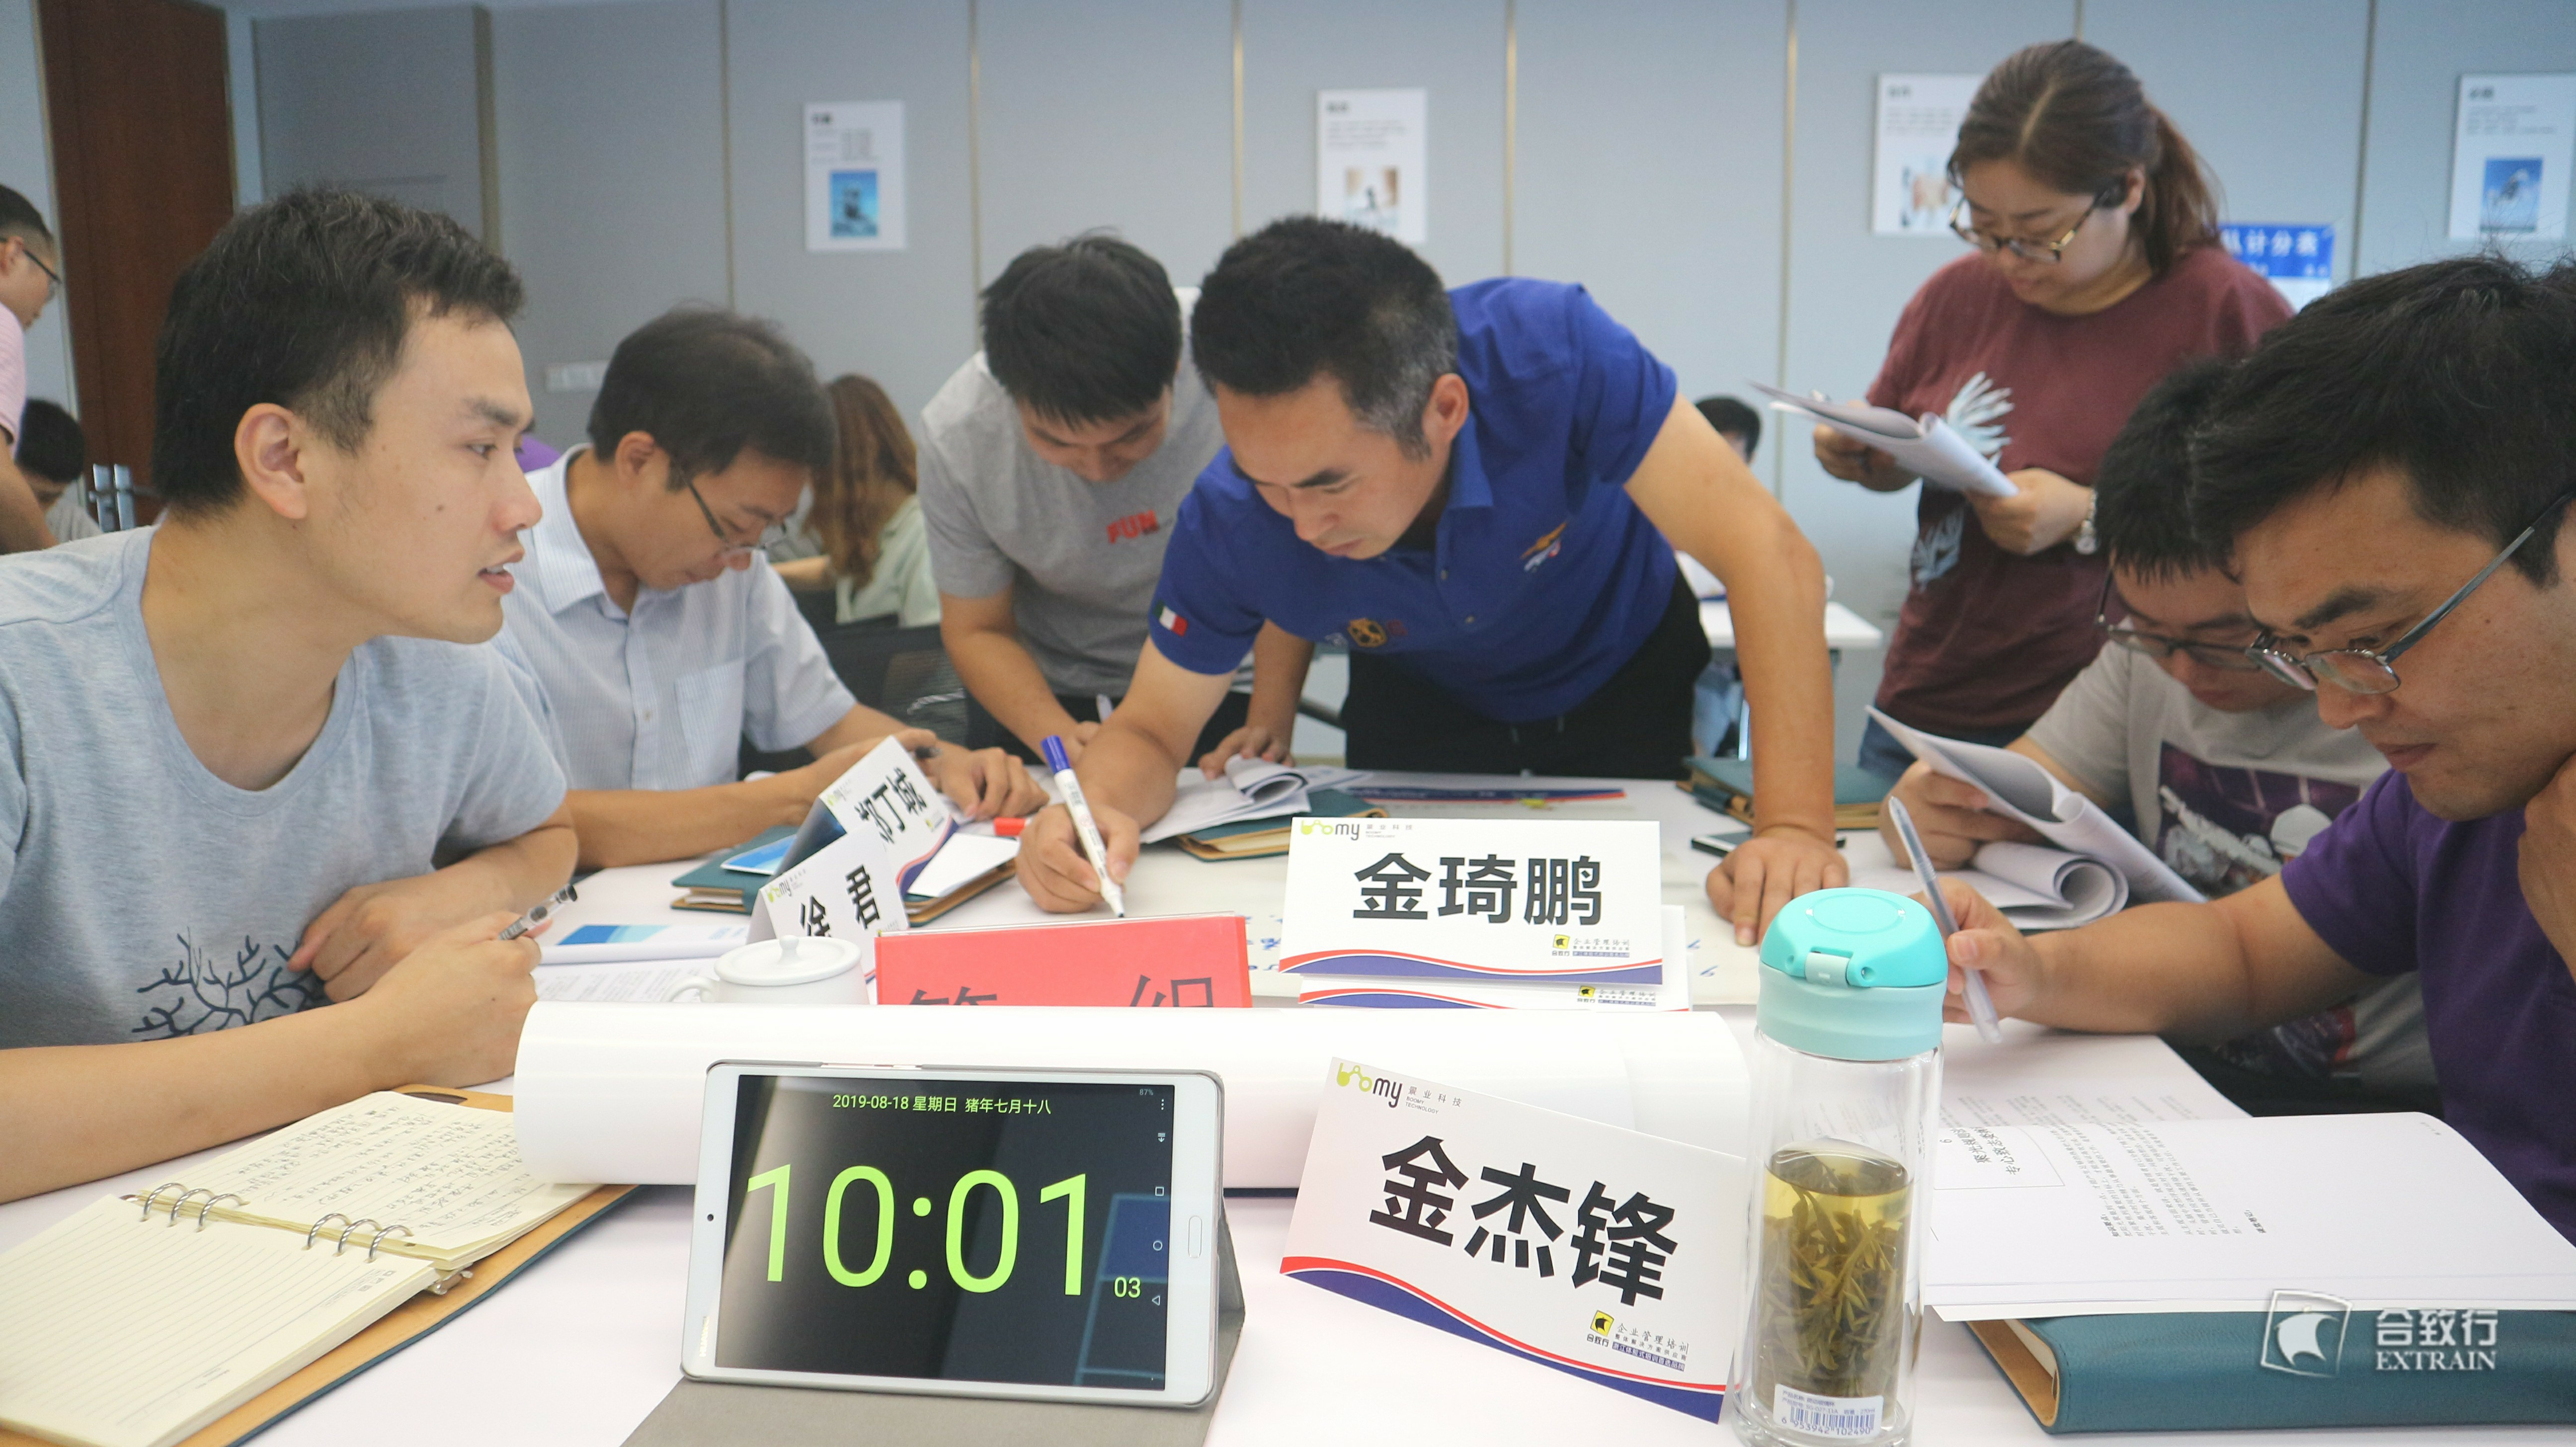 19.8.18景業科技《高效時間管理》-IMG_8875